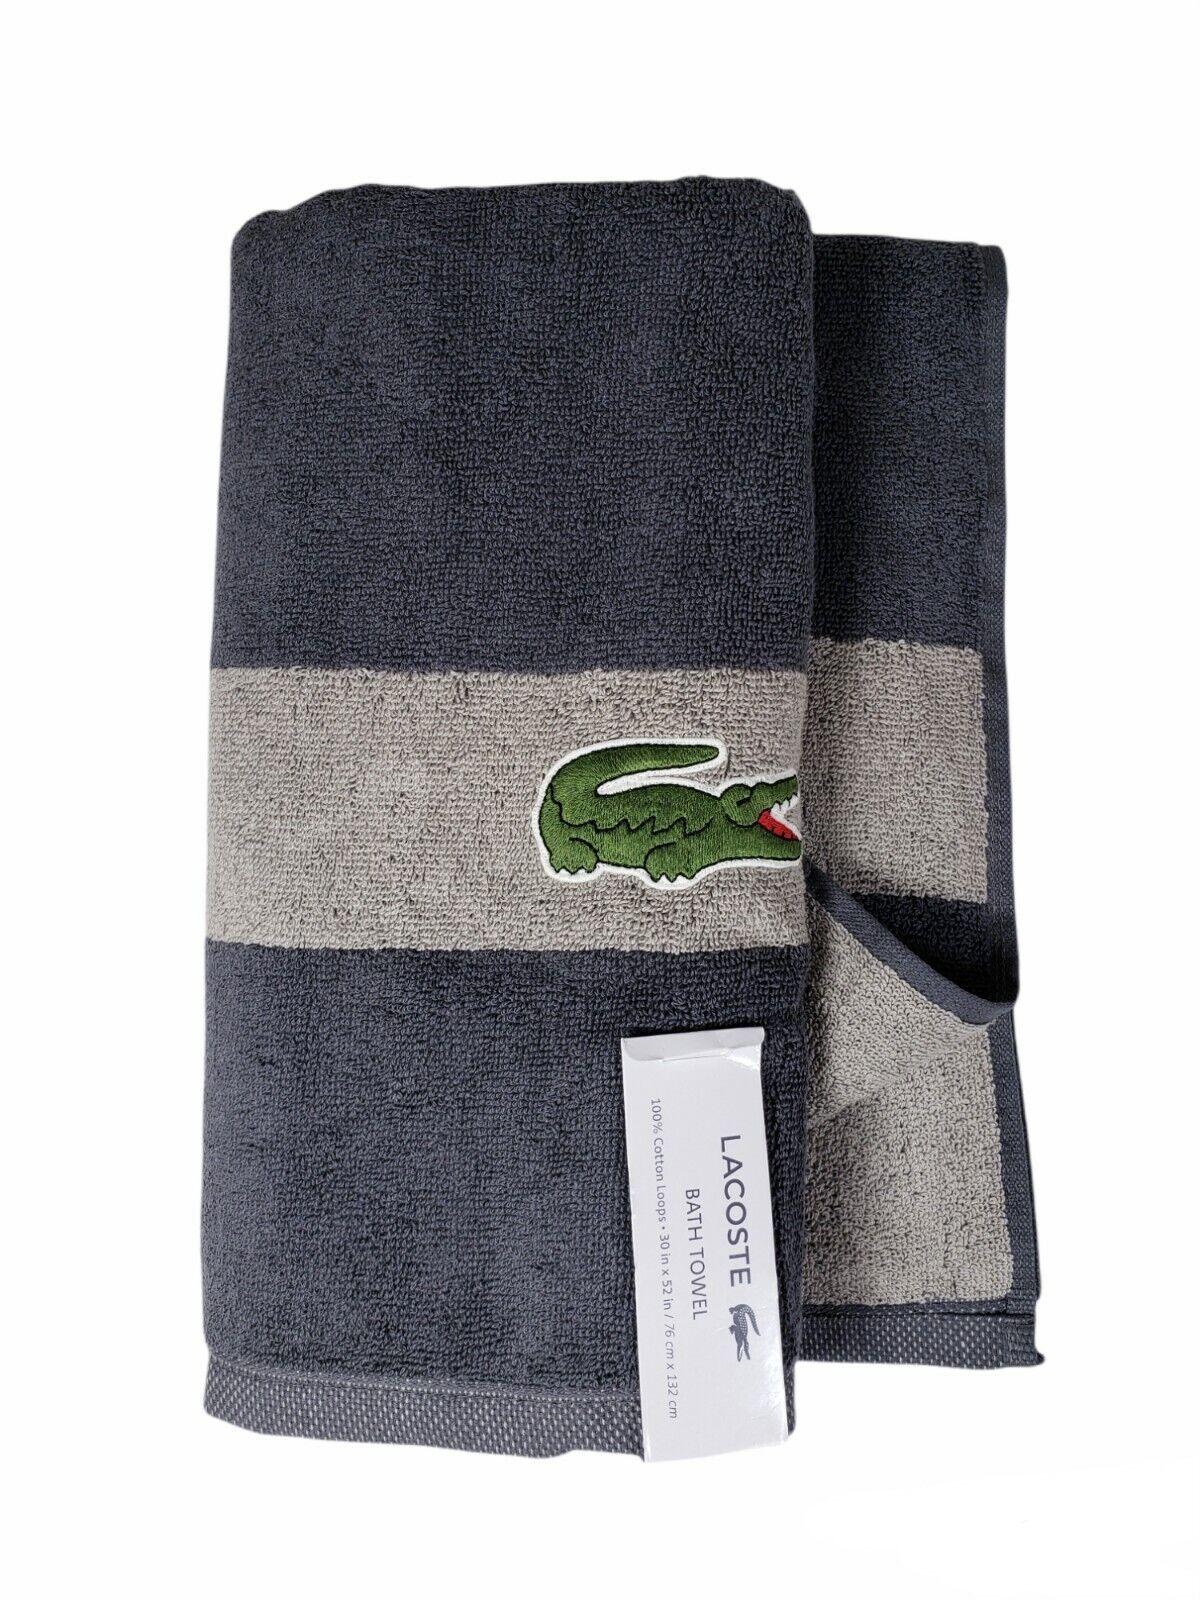 【 Lacoste】 Bath Towel 100% Cotton 30